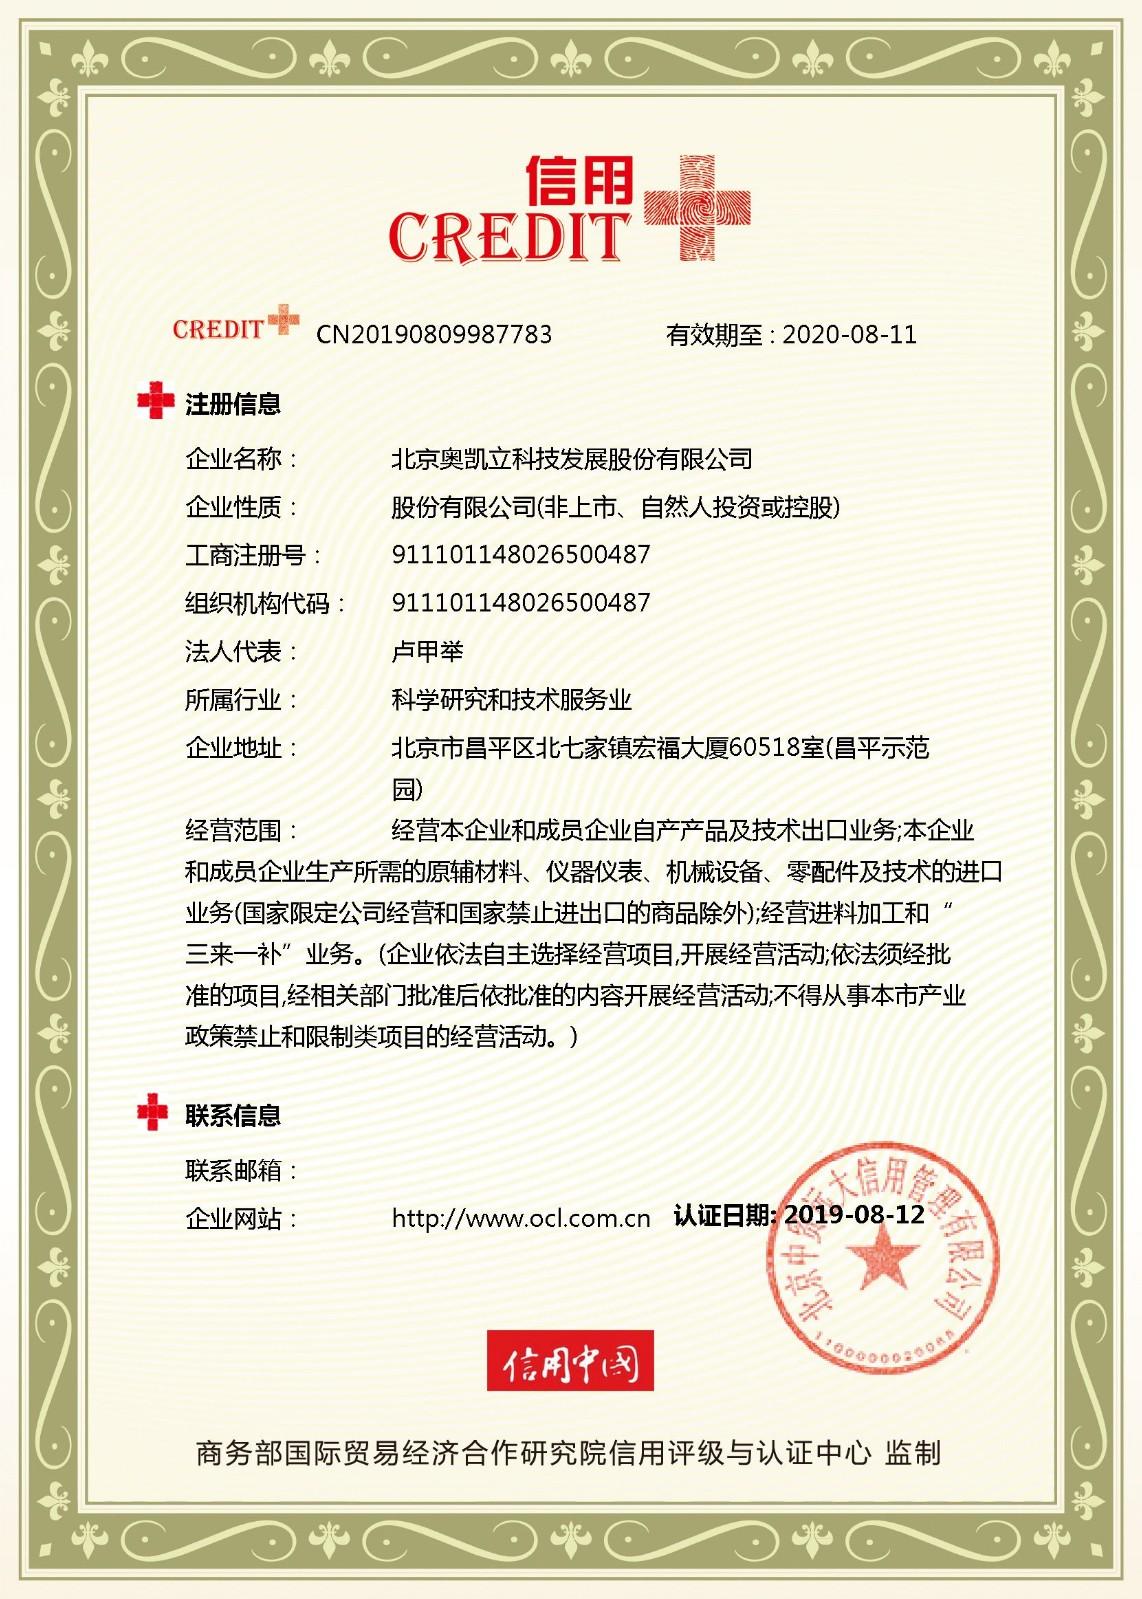 北京奥凯立科技发展股份有限公司 (2).jpg